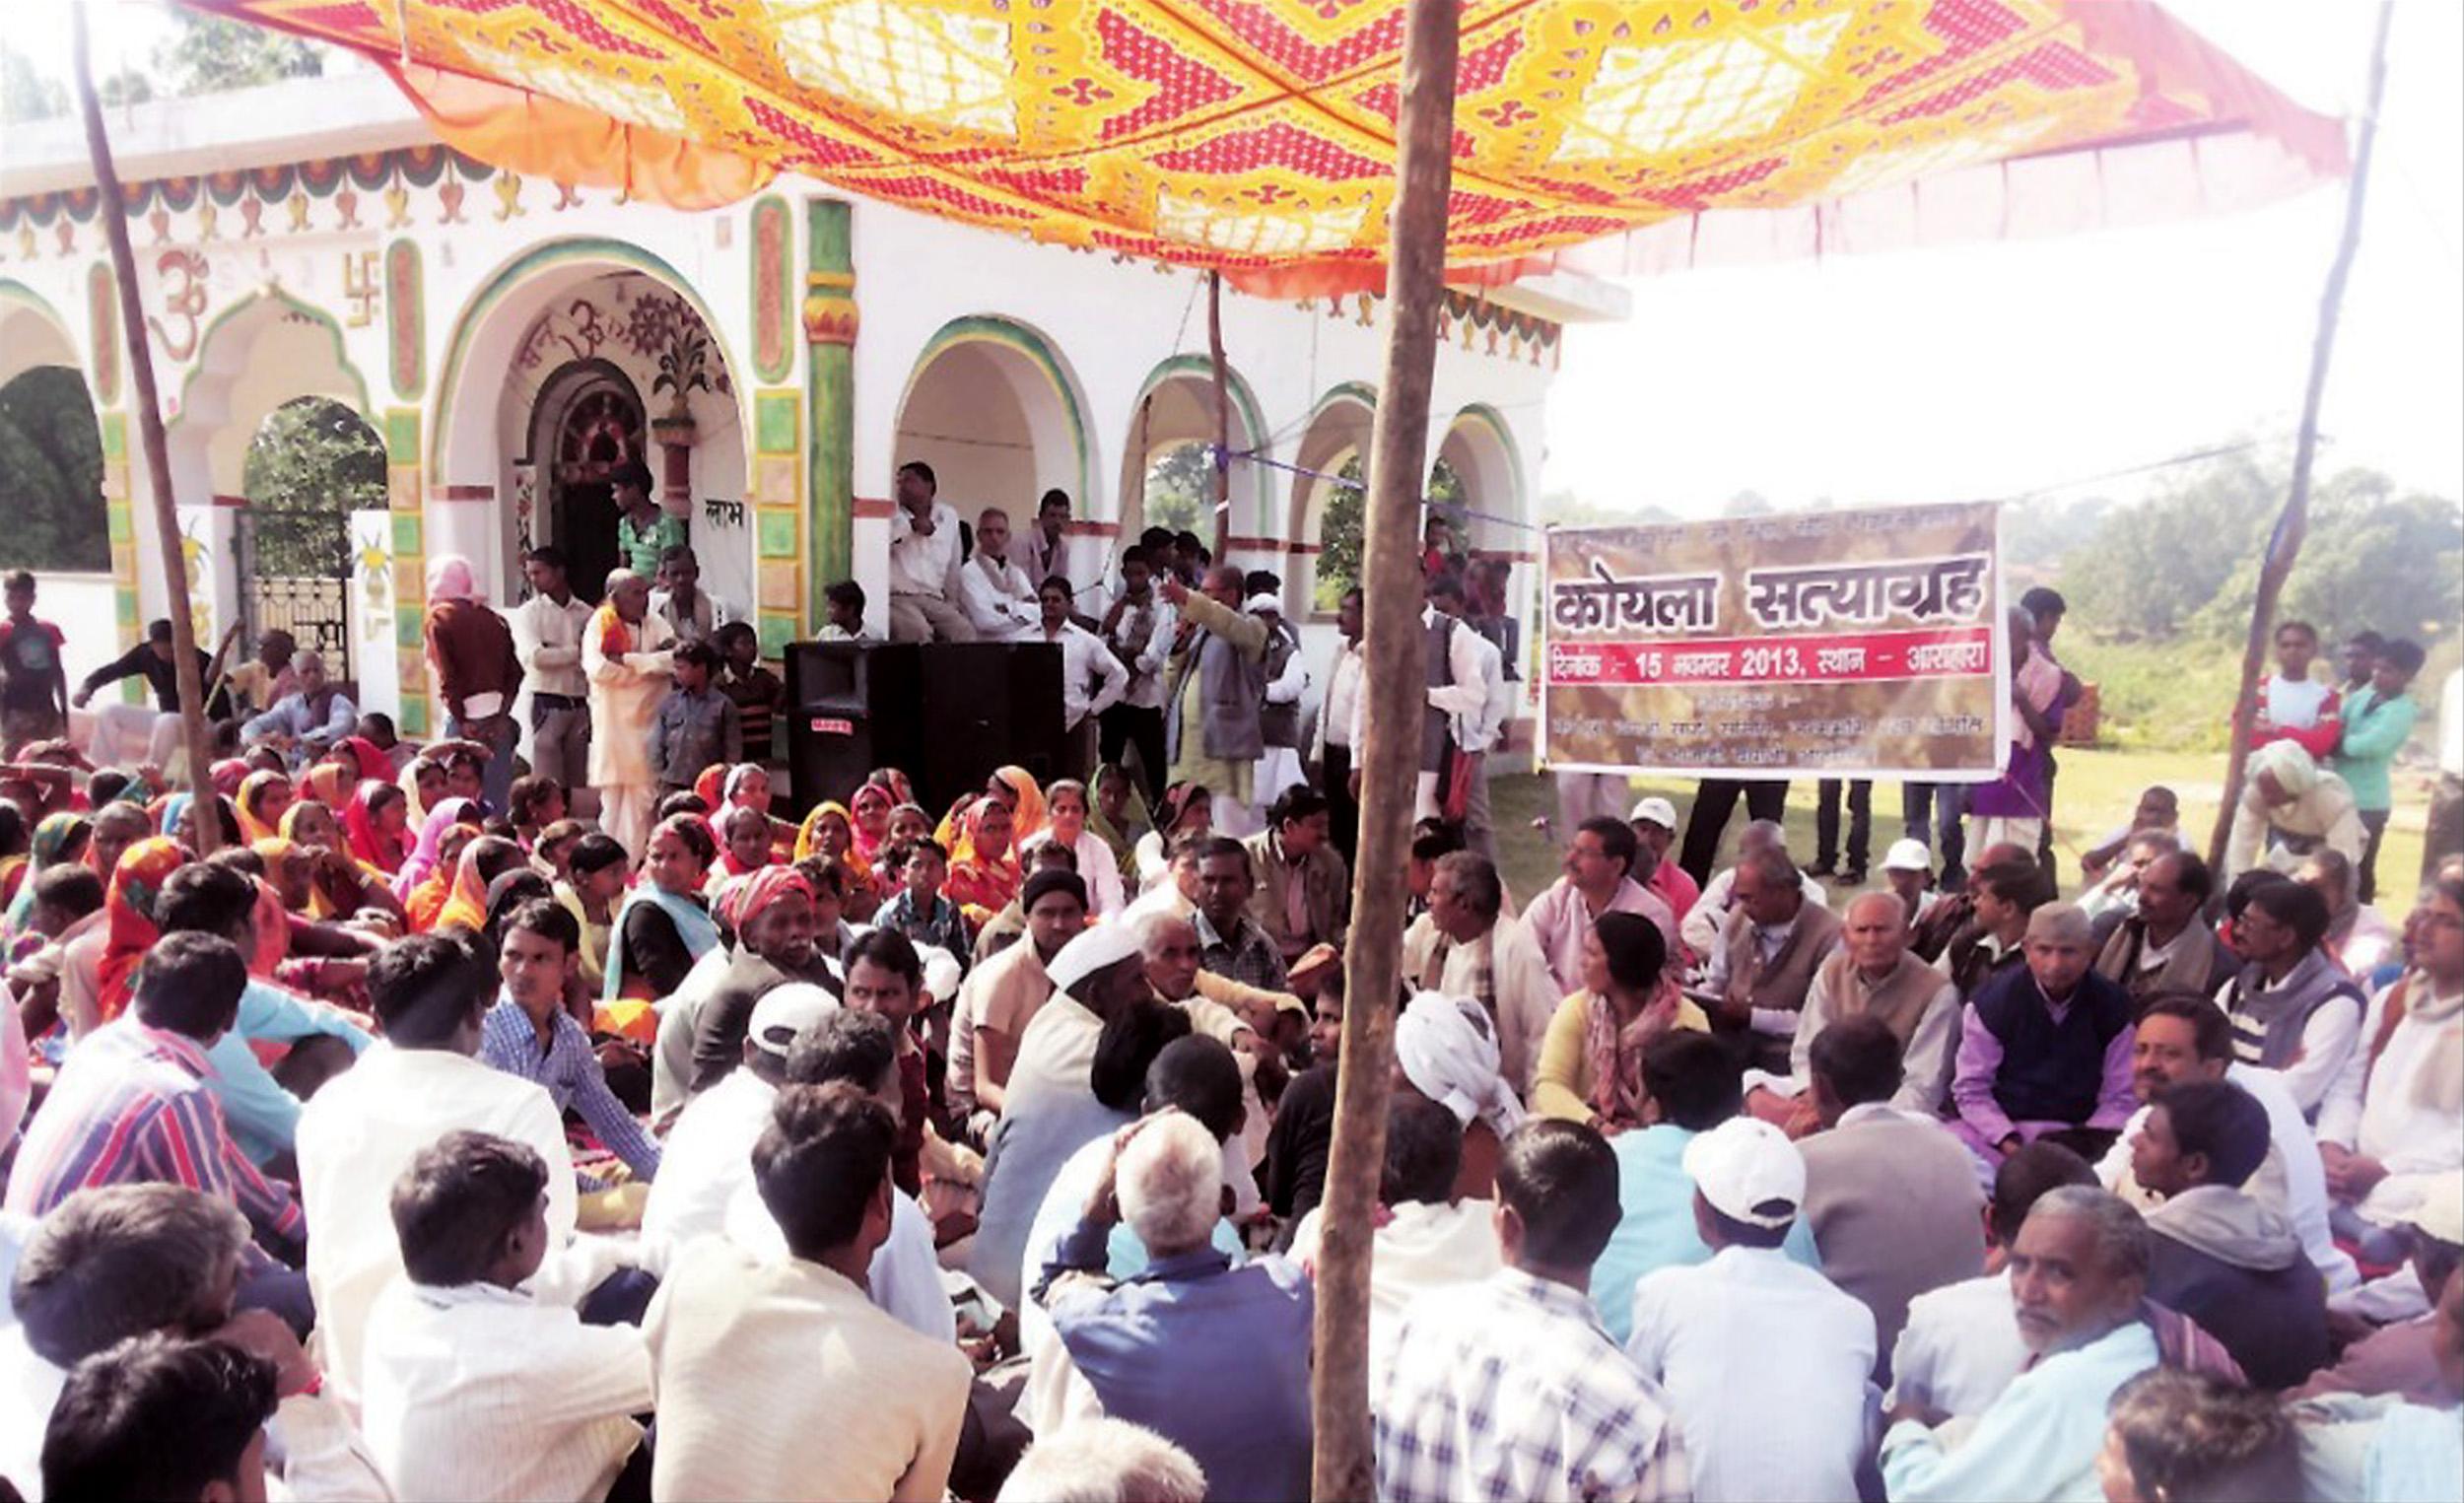 झारखंड के कर्णपुरा घाटी के गांव आराहरा में कोयला सत्याग्रह में जुटे स्थानीय निवासी